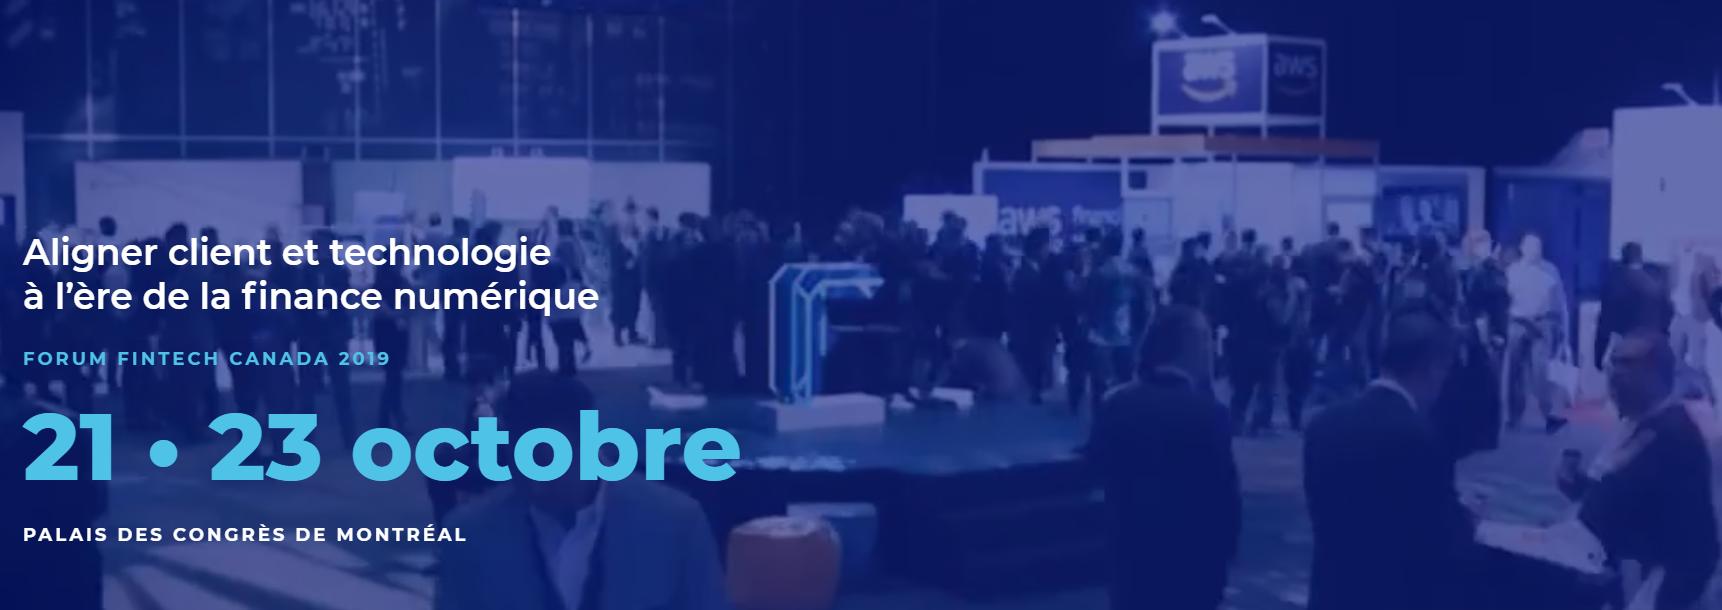 Événement fintech 2019 - Forum Fintech Canada